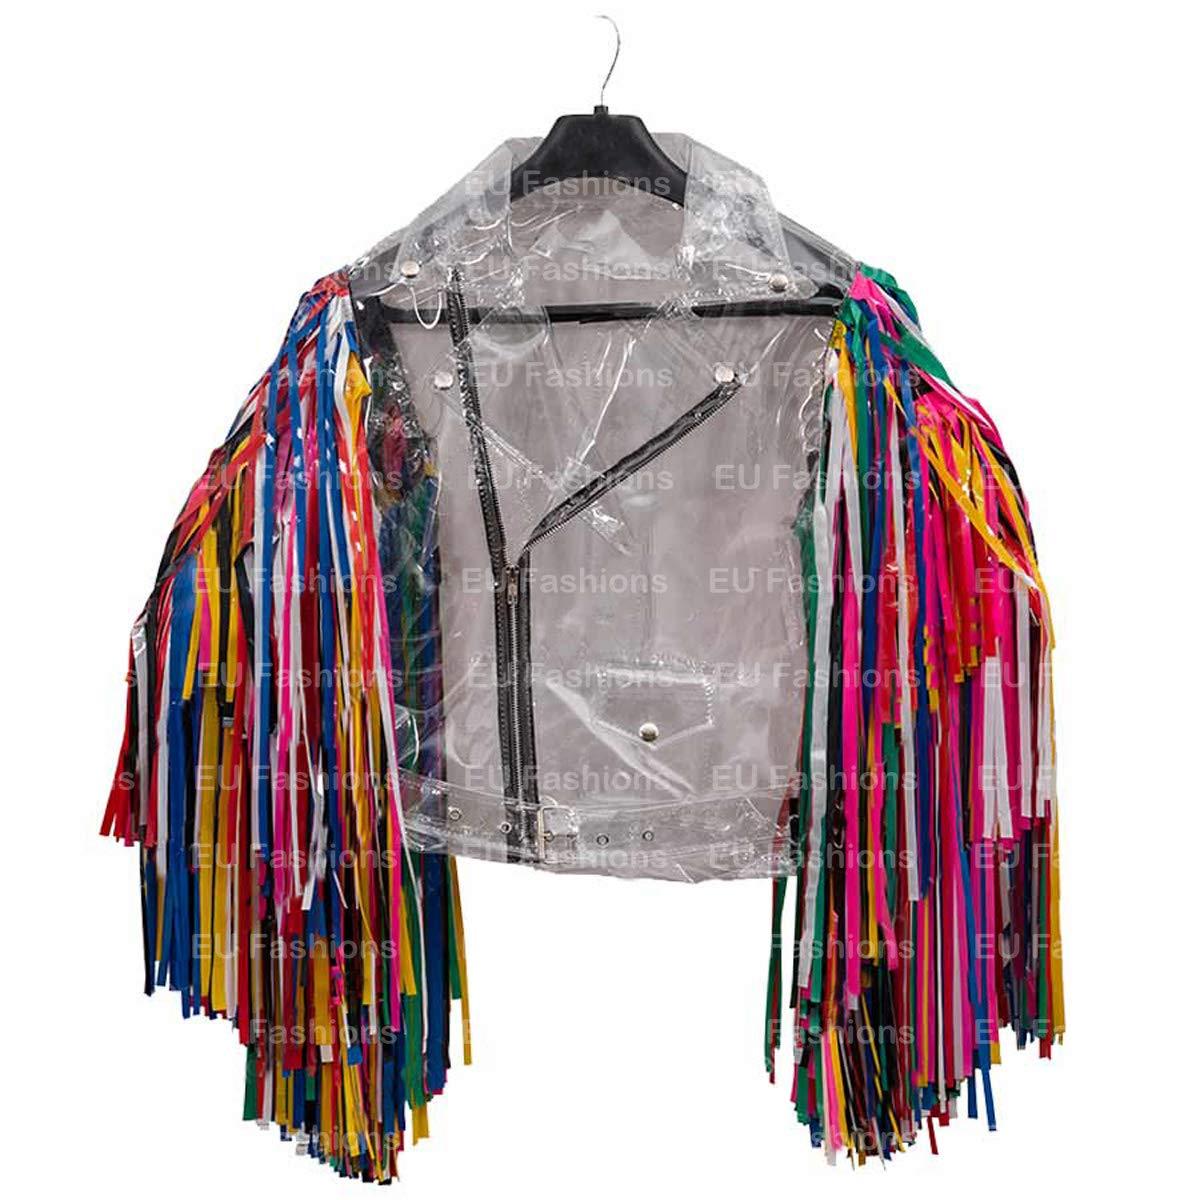 EU Fashions Birds of Prey Harley Quinn Chamarra: Amazon.es ...